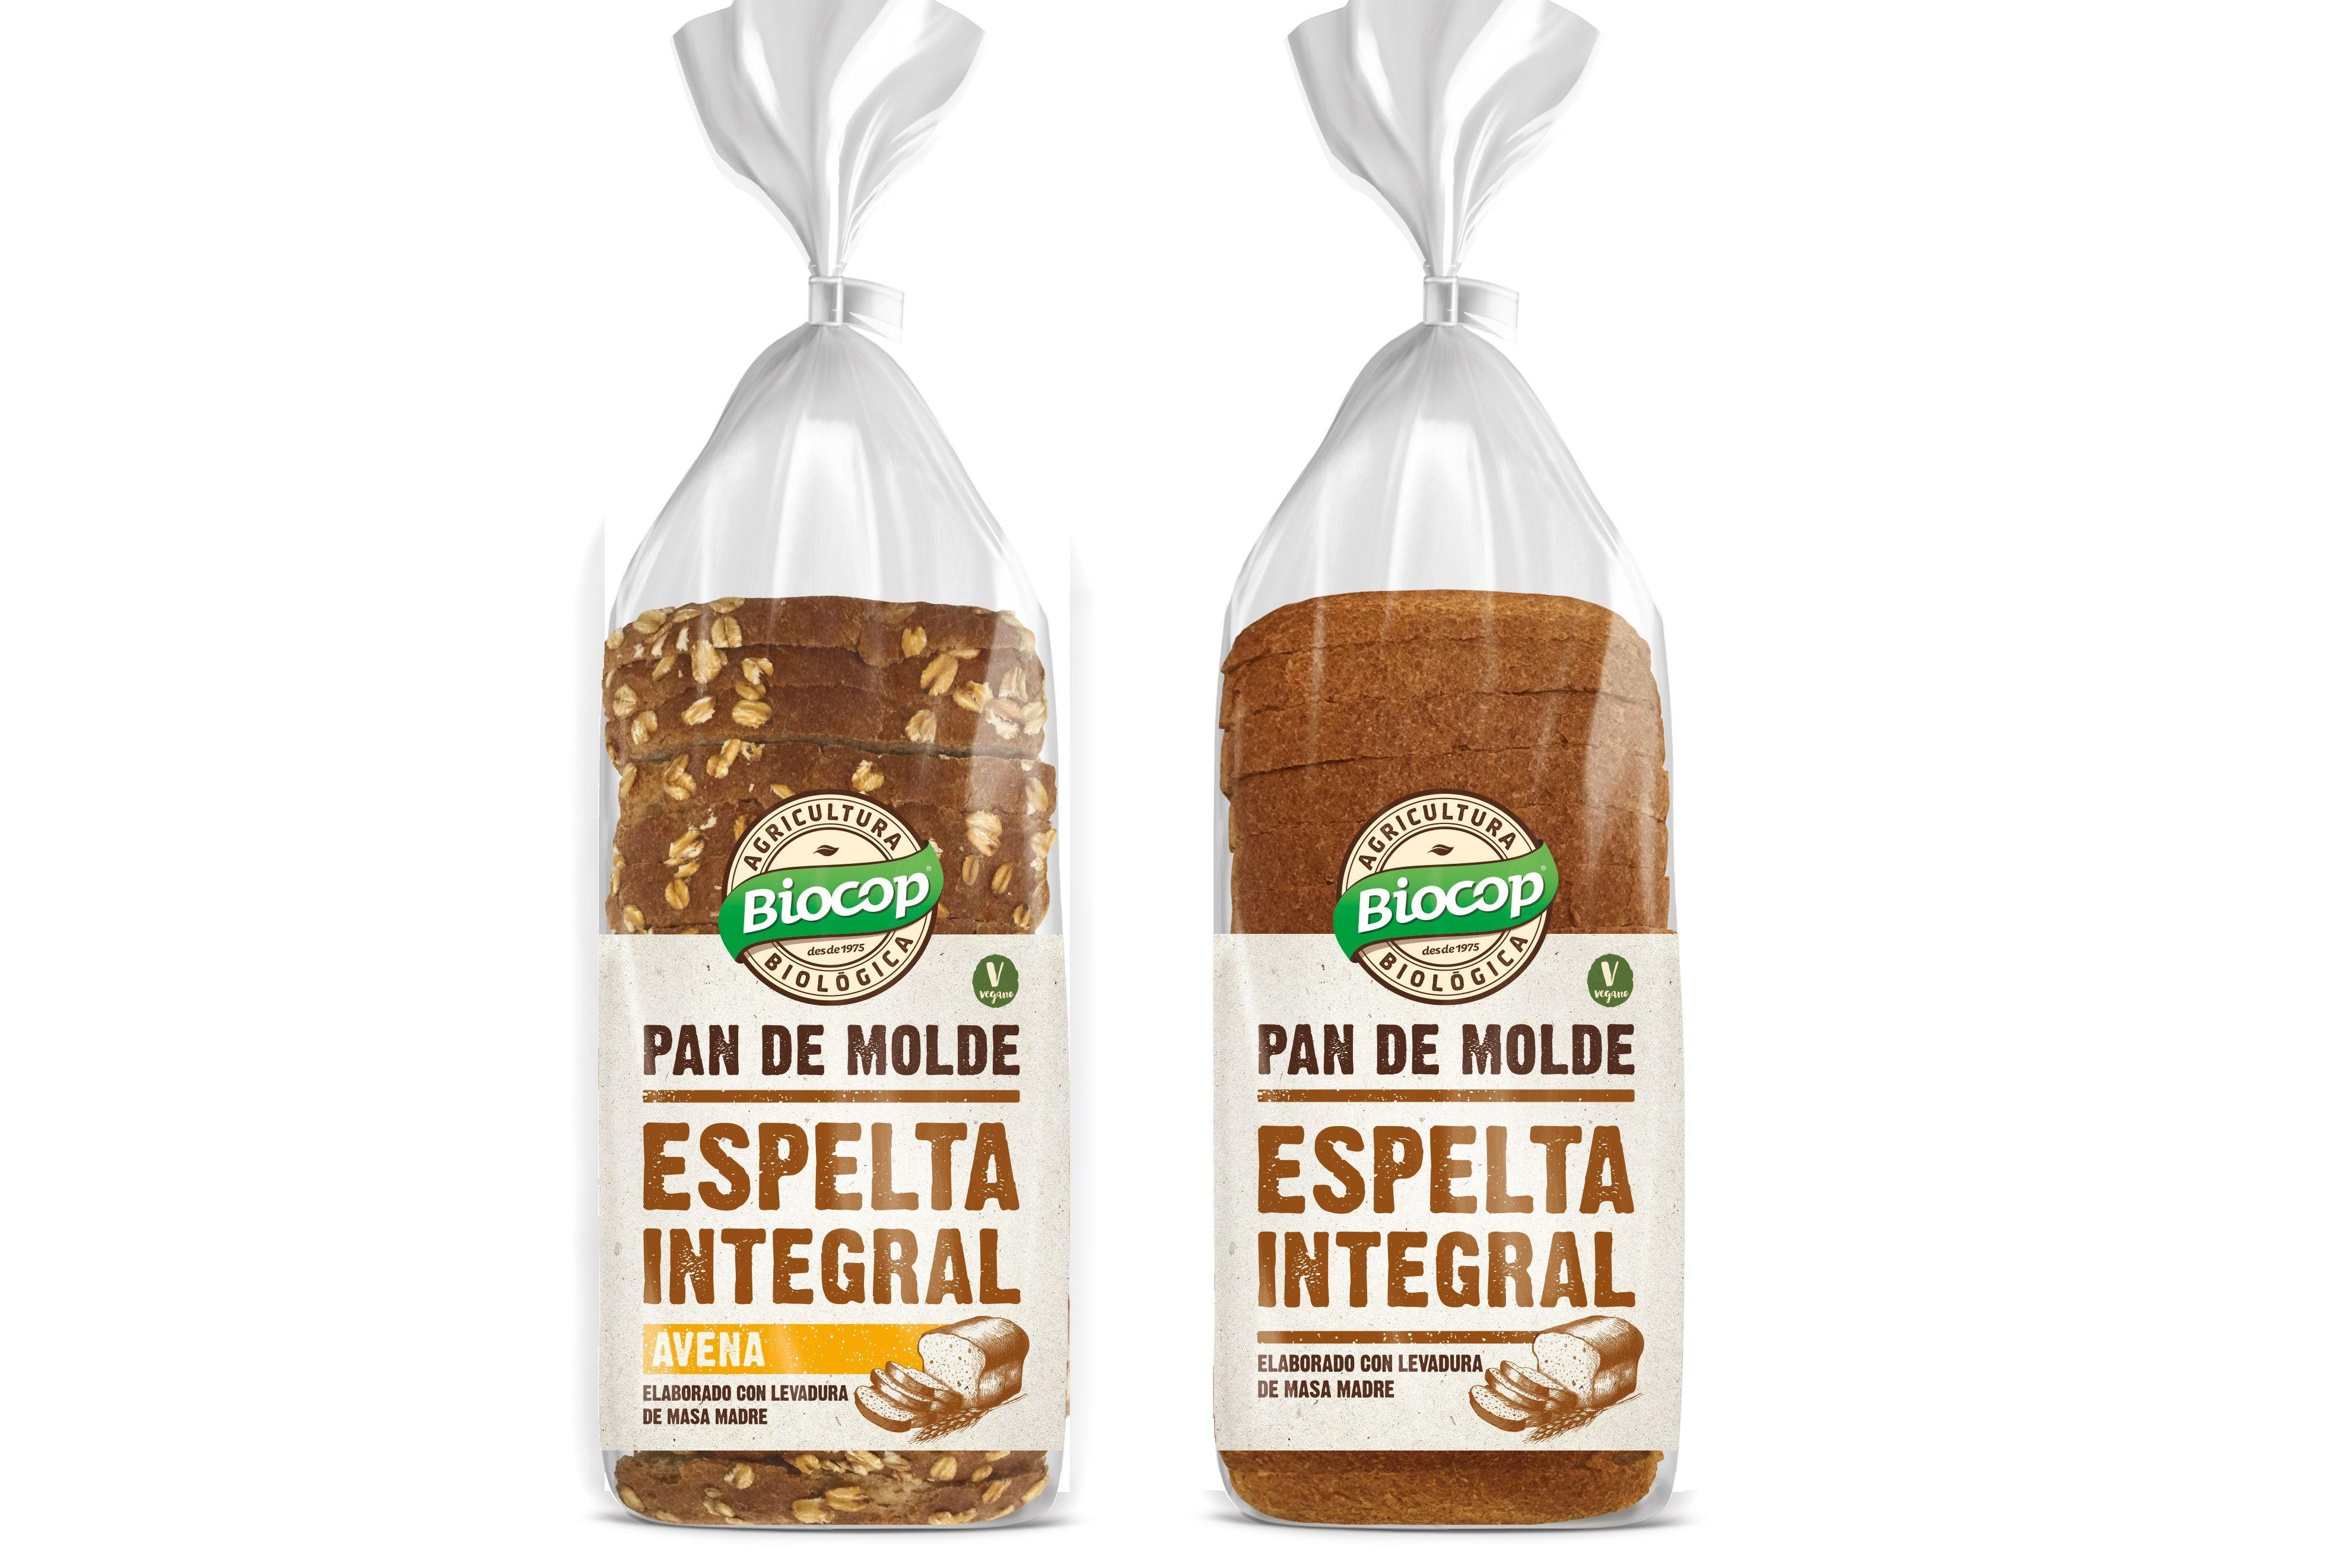 Nuevos panes de molde tiernos y sabrosos, de Biocop